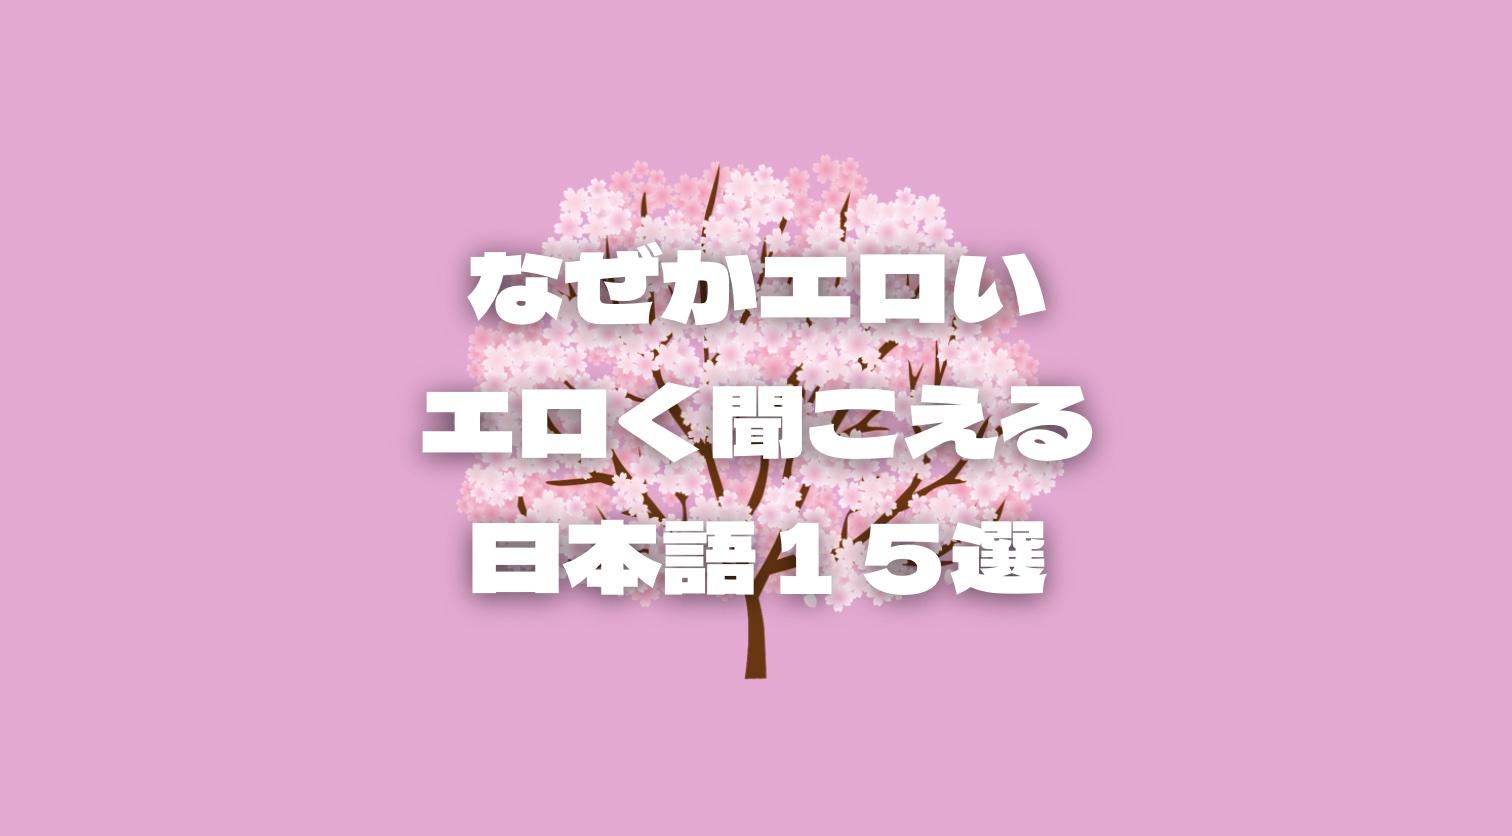 合コンで使える|なぜかエロく聞こえる日本語15選